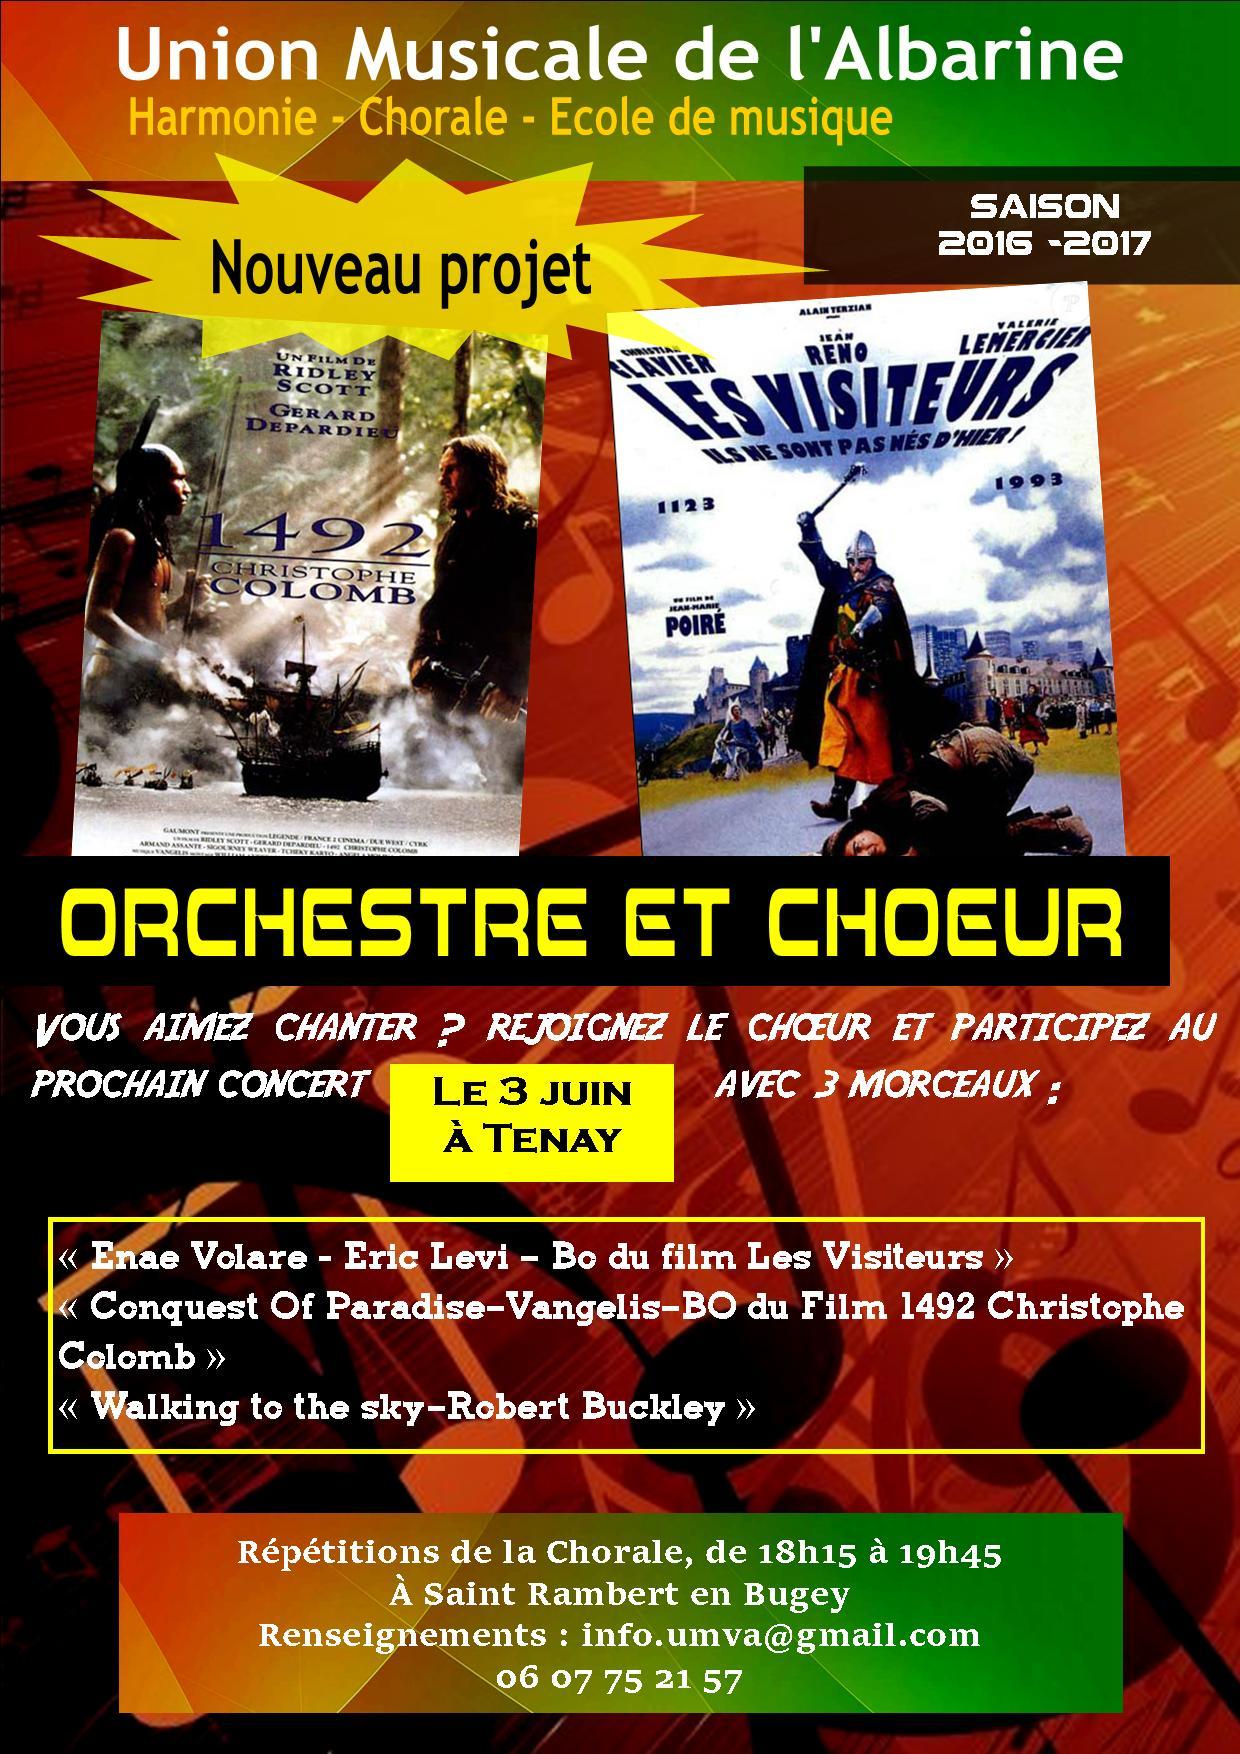 projet Orchestre et Choeur printemps 2017 de l'Union Musicale de l'Albarine